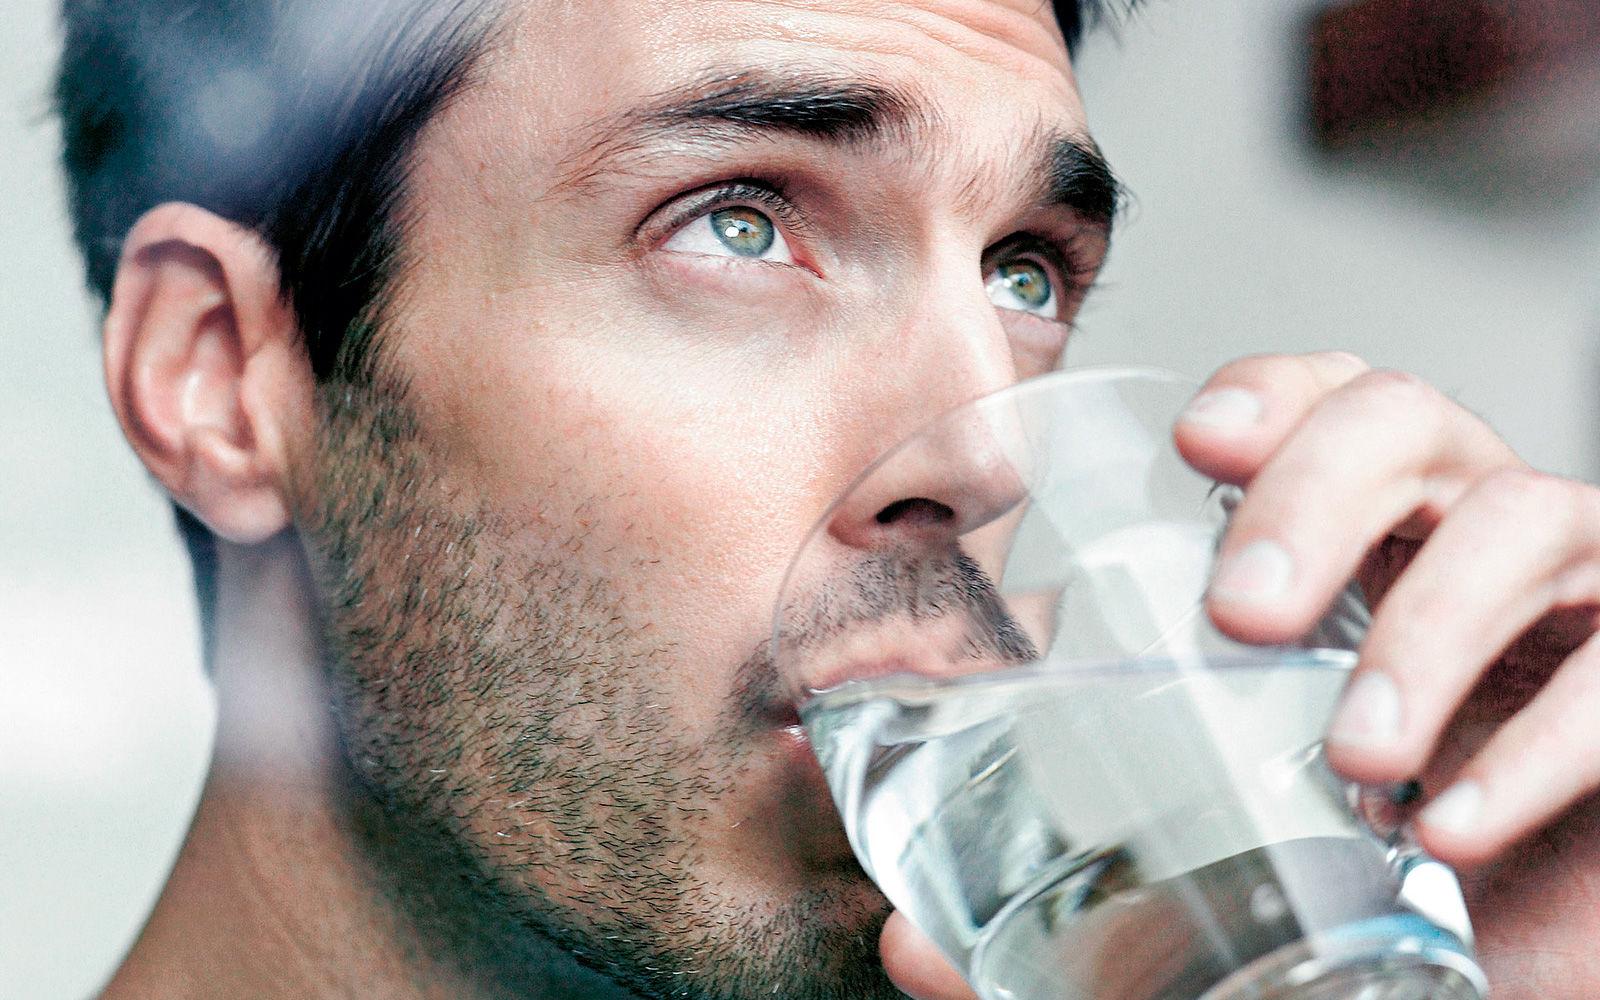 Обезвоживание организма: нефролог рассказала, сколько воды обязательно нужно выпивать в день